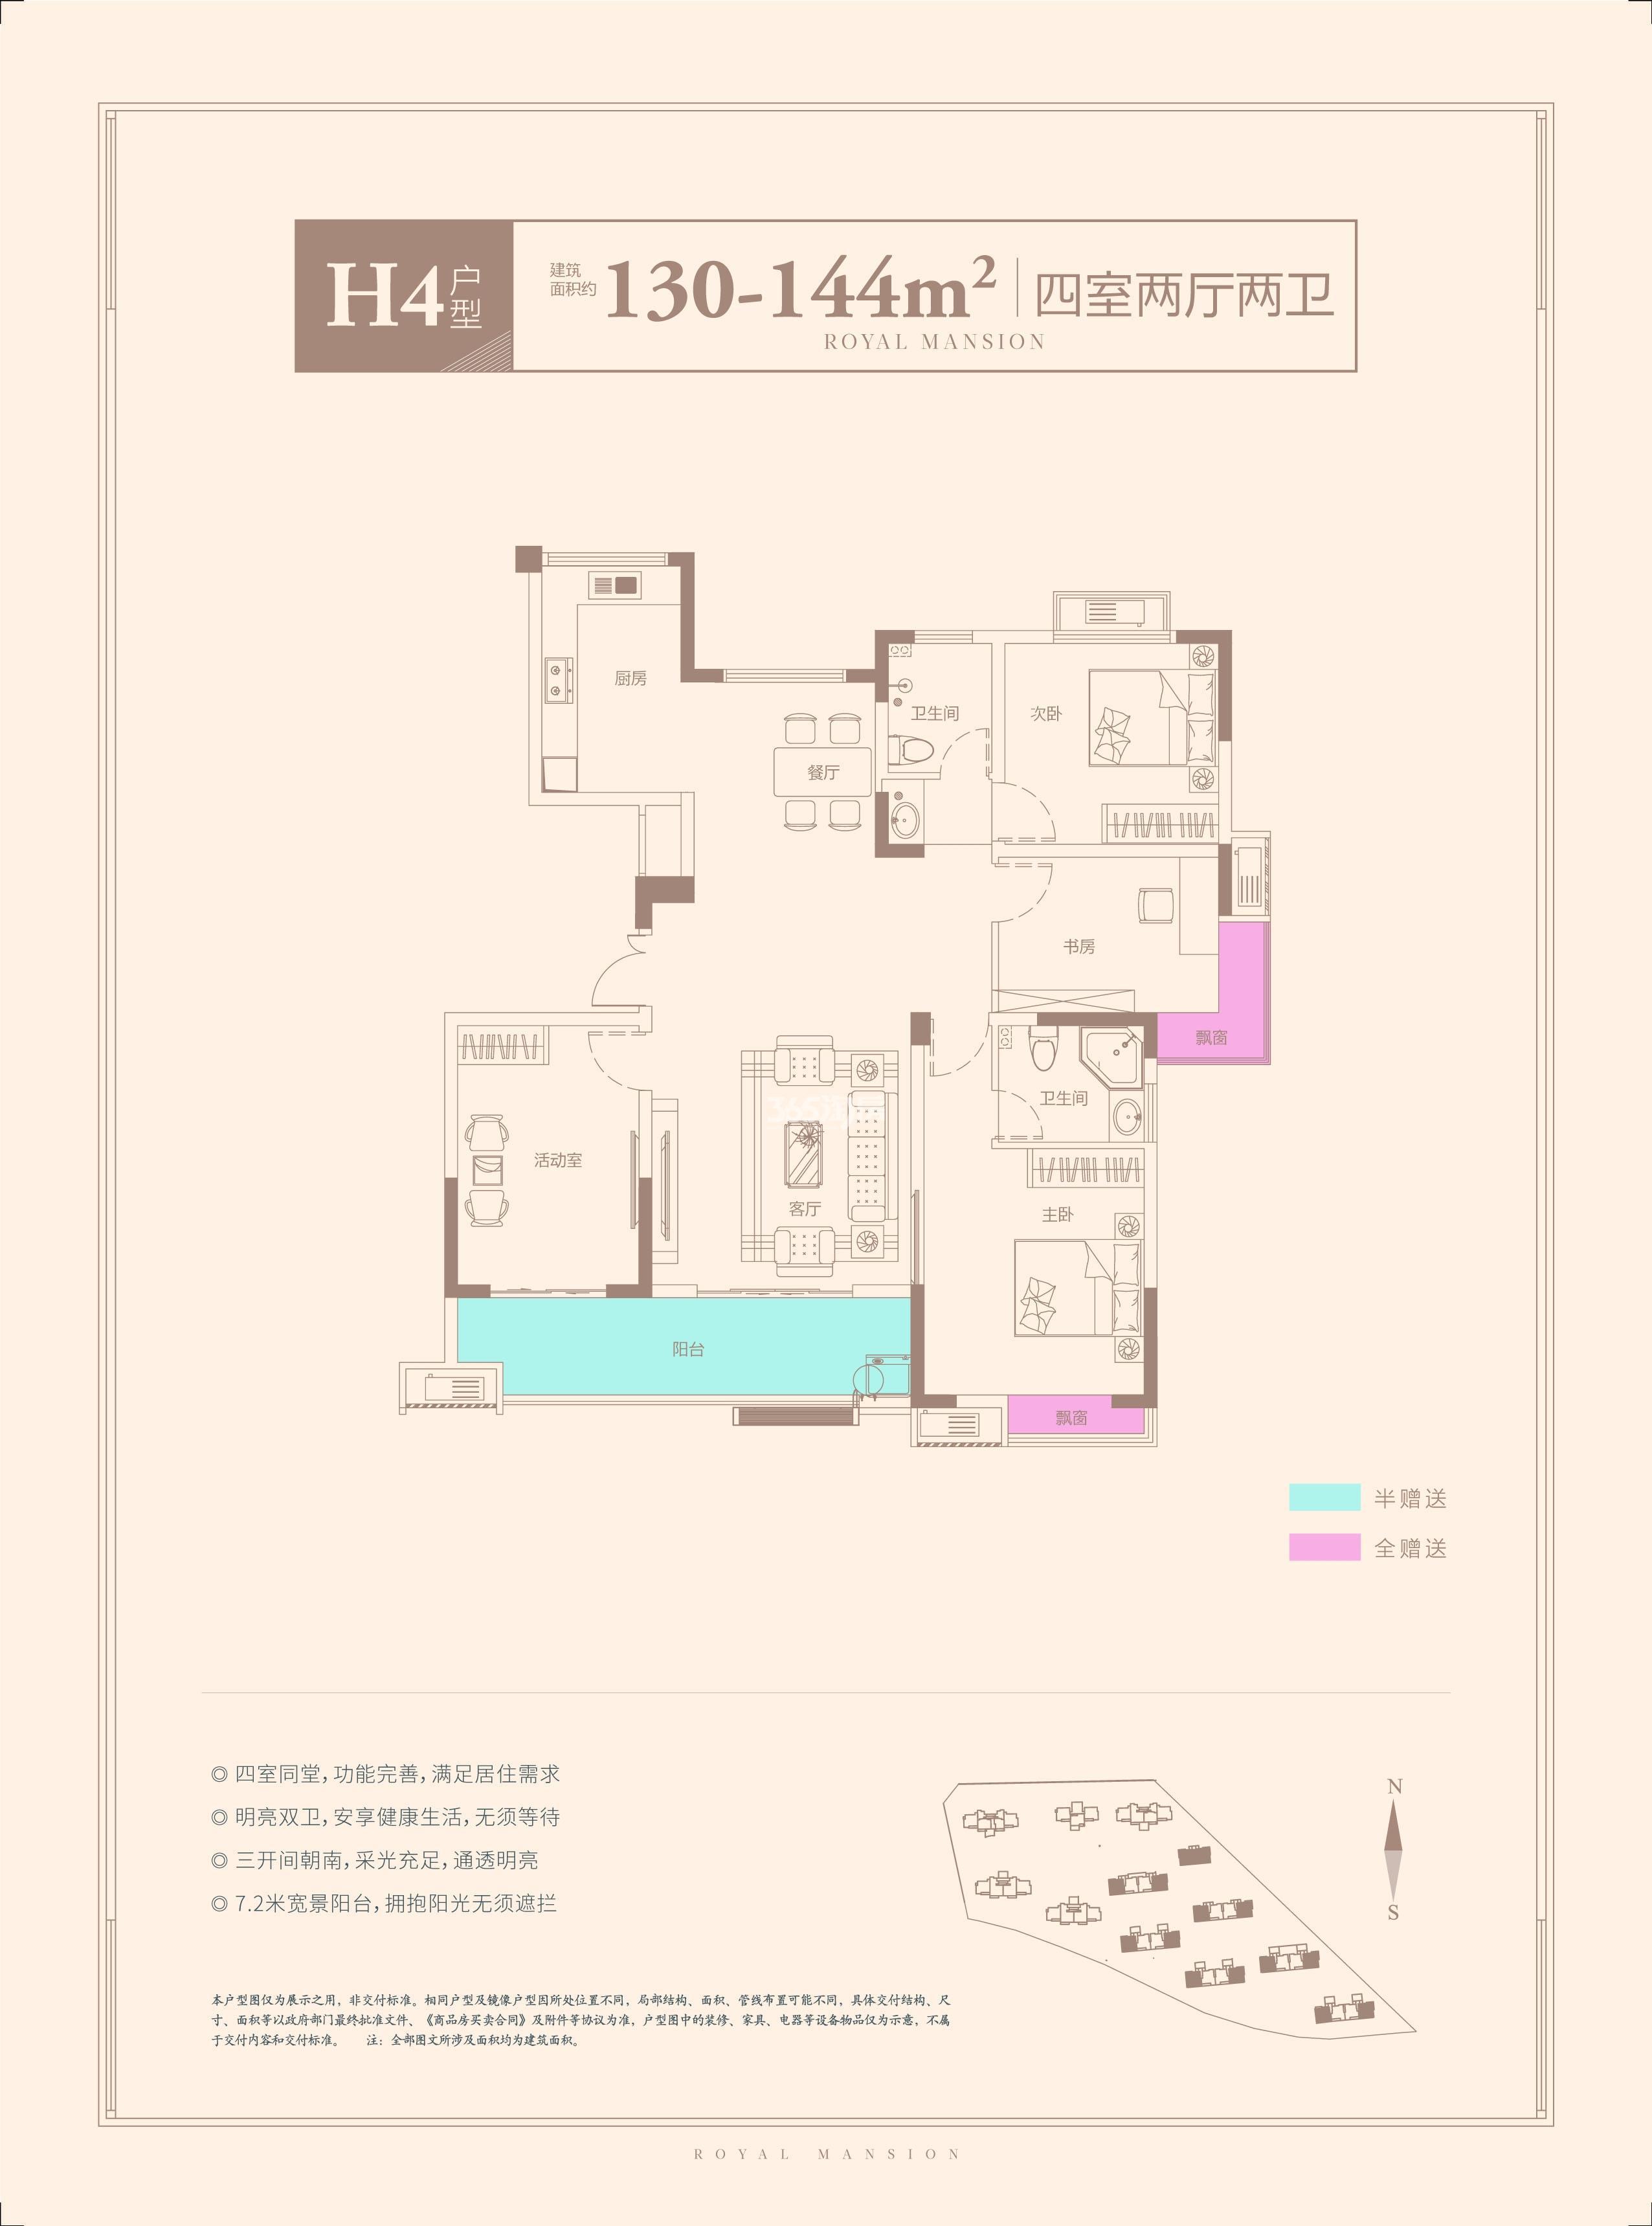 柏庄香府 三期洋房H4户型 四室两厅两卫 130-144㎡